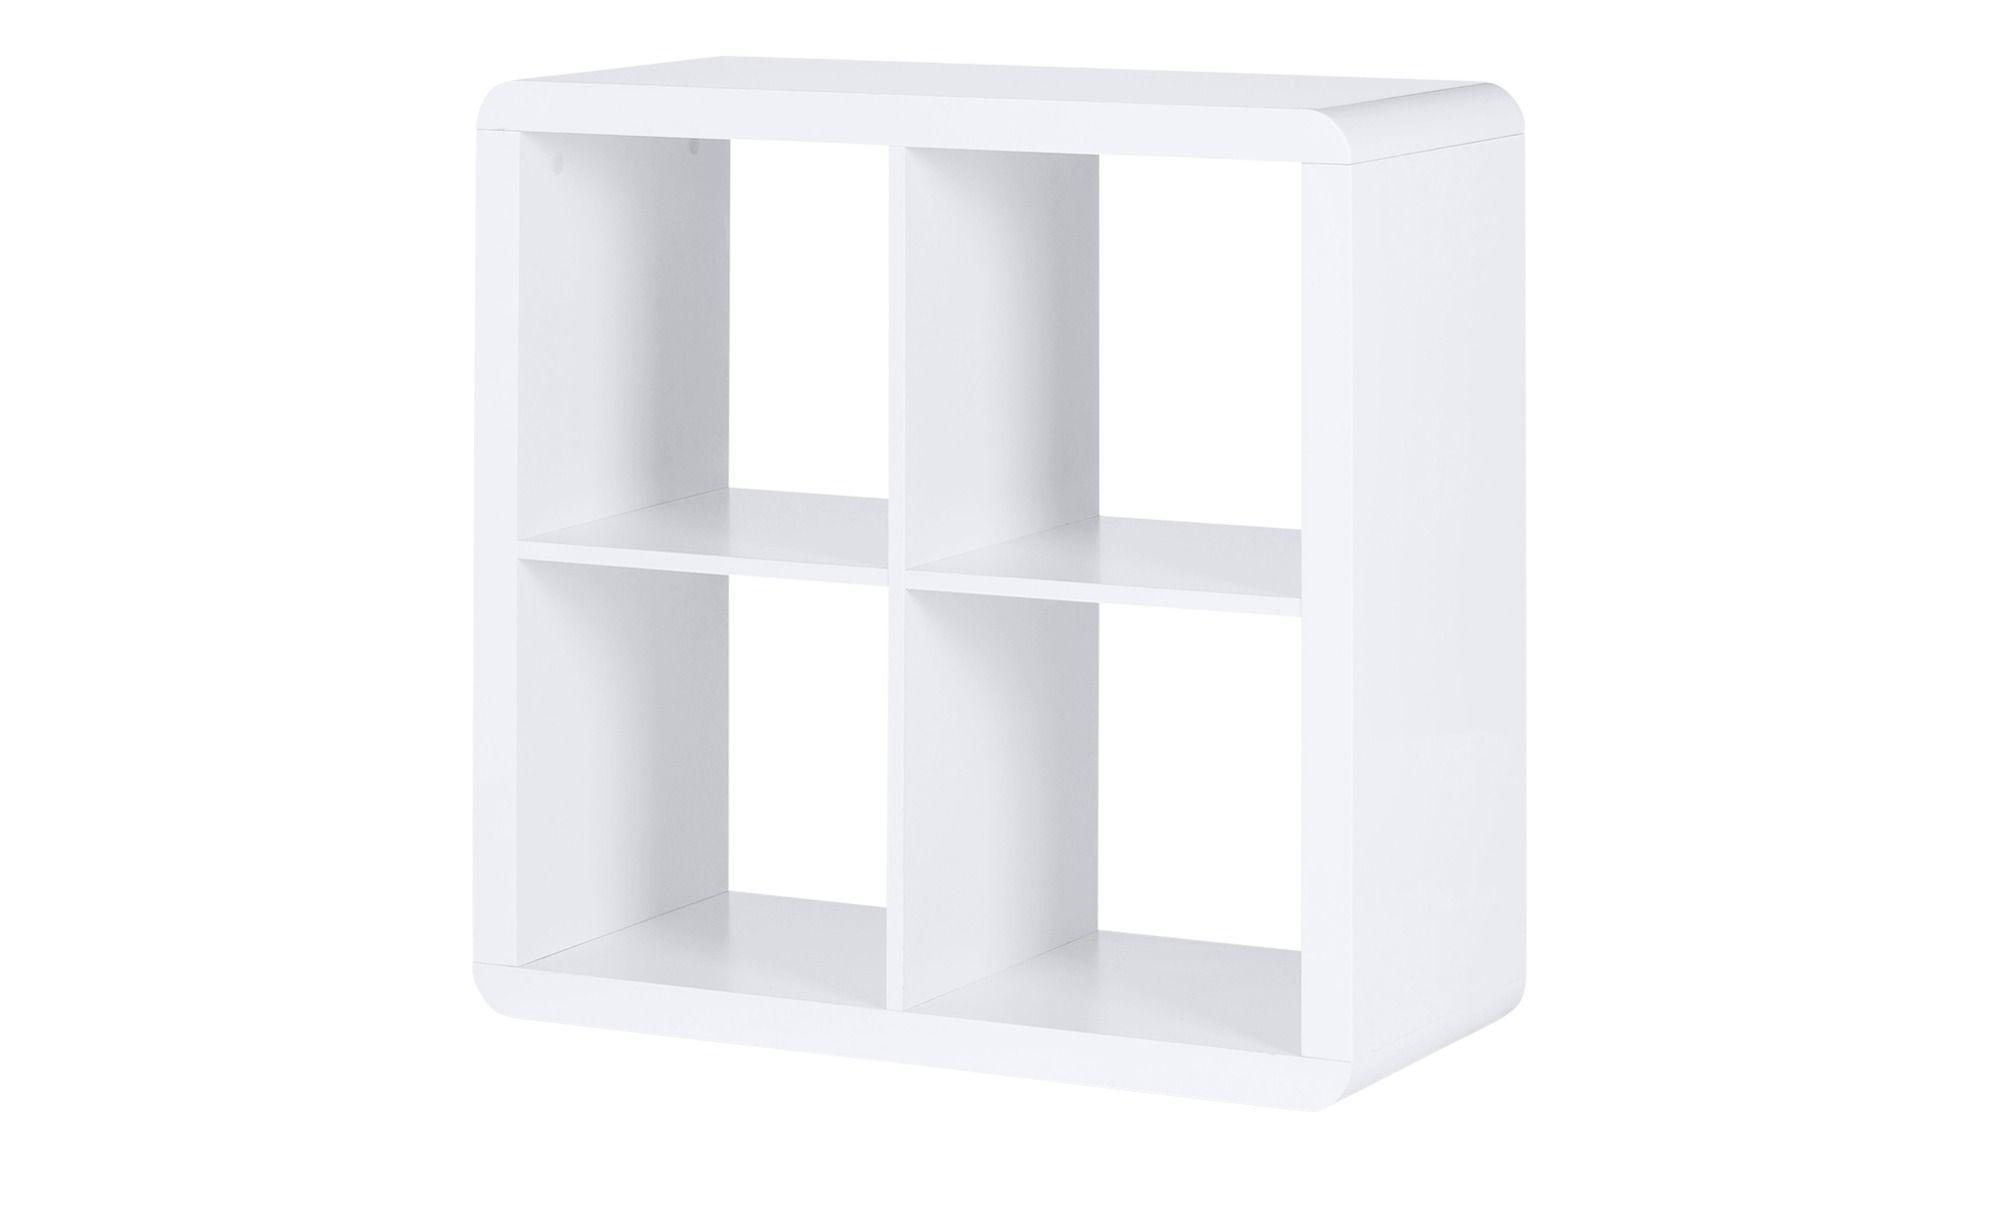 raumteiler 2x2 polar jetzt bestellen unter httpsmoebelladendirektde - Raumteilerregale